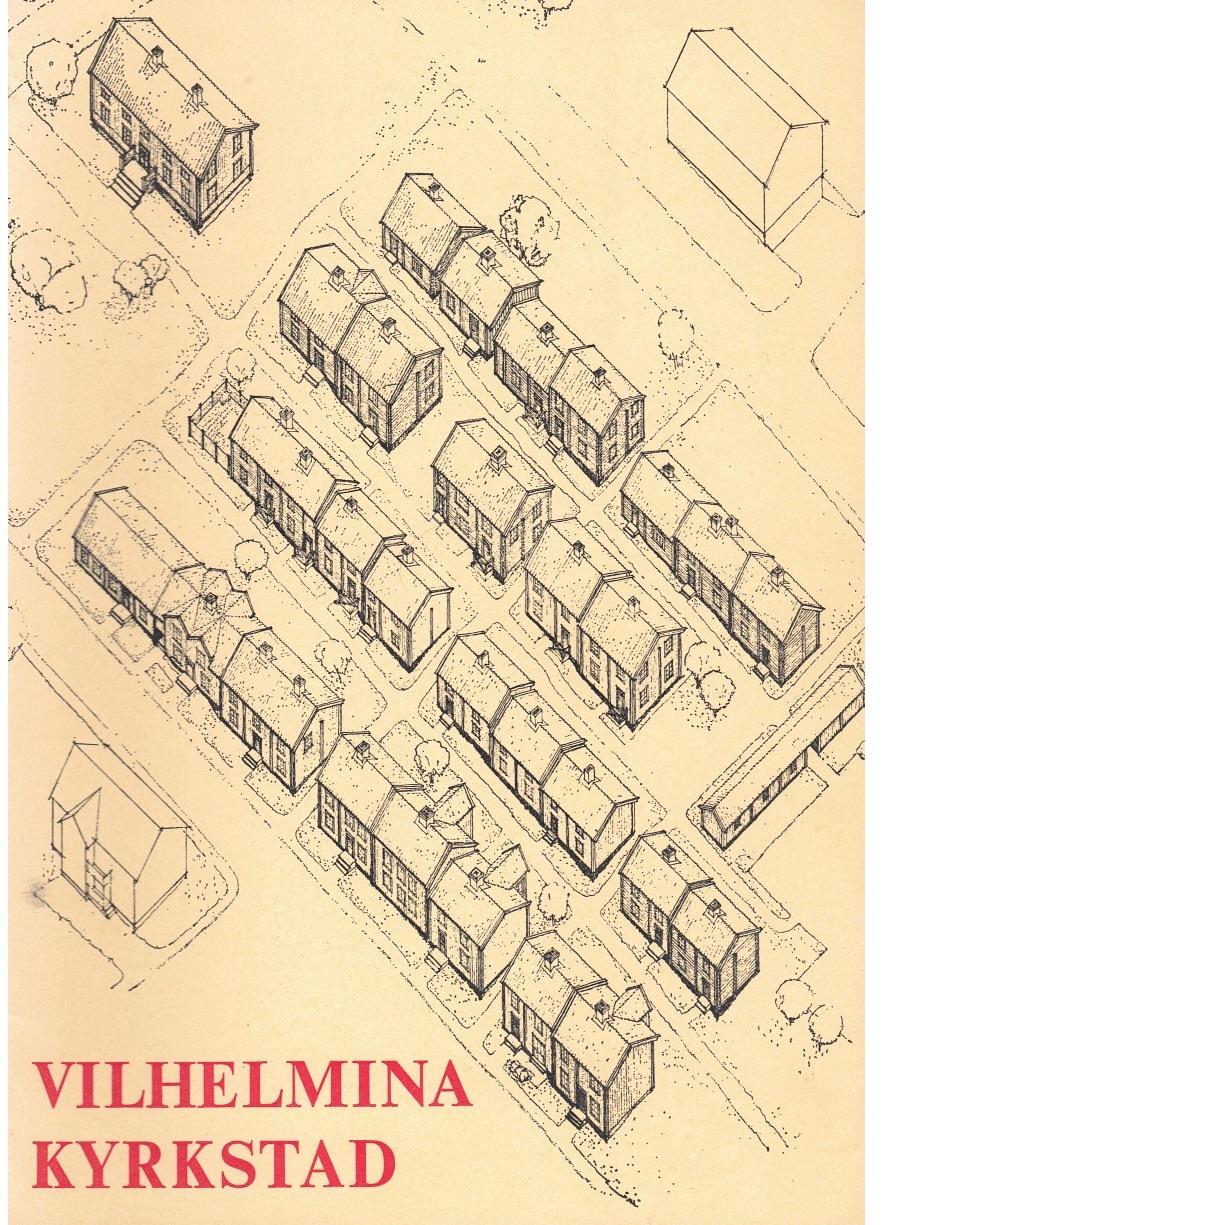 Vilhelmina kyrkstad - Red.